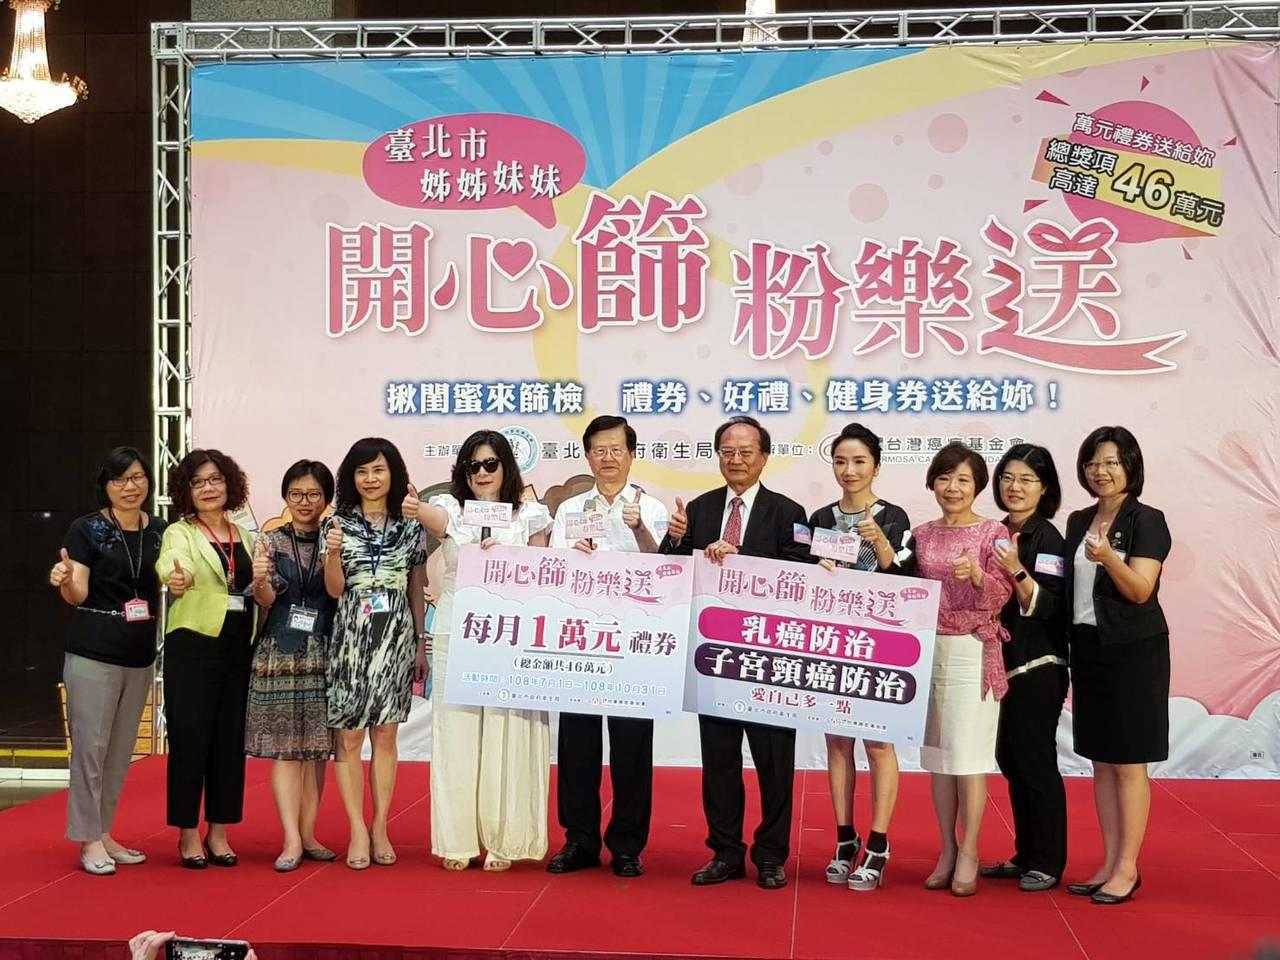 北市衛生局與財團法人台灣癌症基金會共同辦理「開心篩 粉樂送」婦癌篩檢活動,今天起...